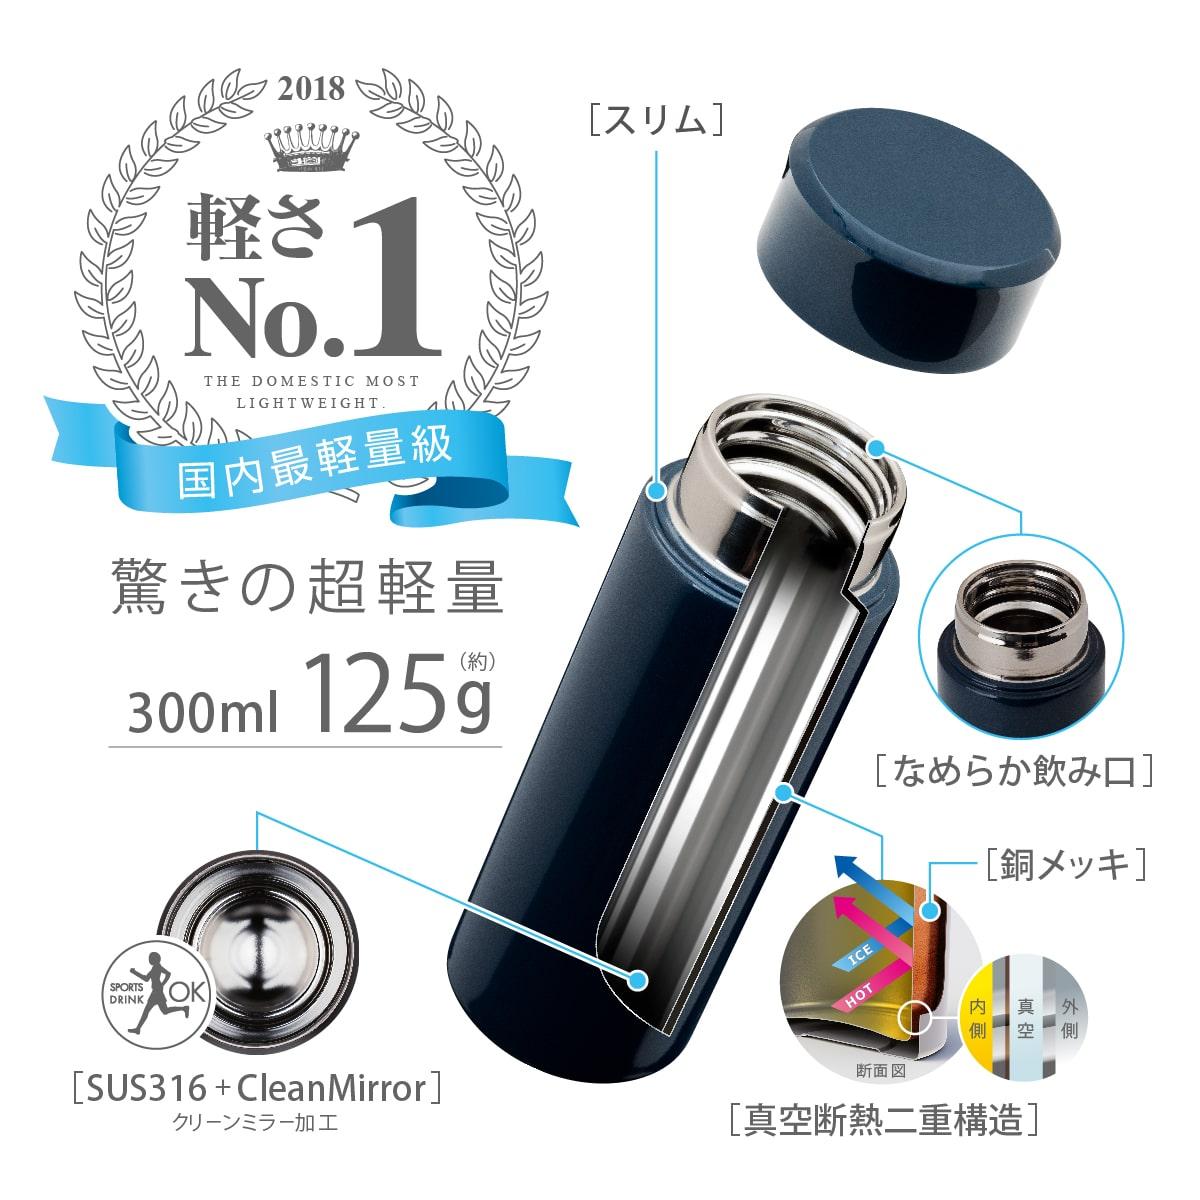 Airlist 超軽量スリムボトル 300ml ターコイズ image02